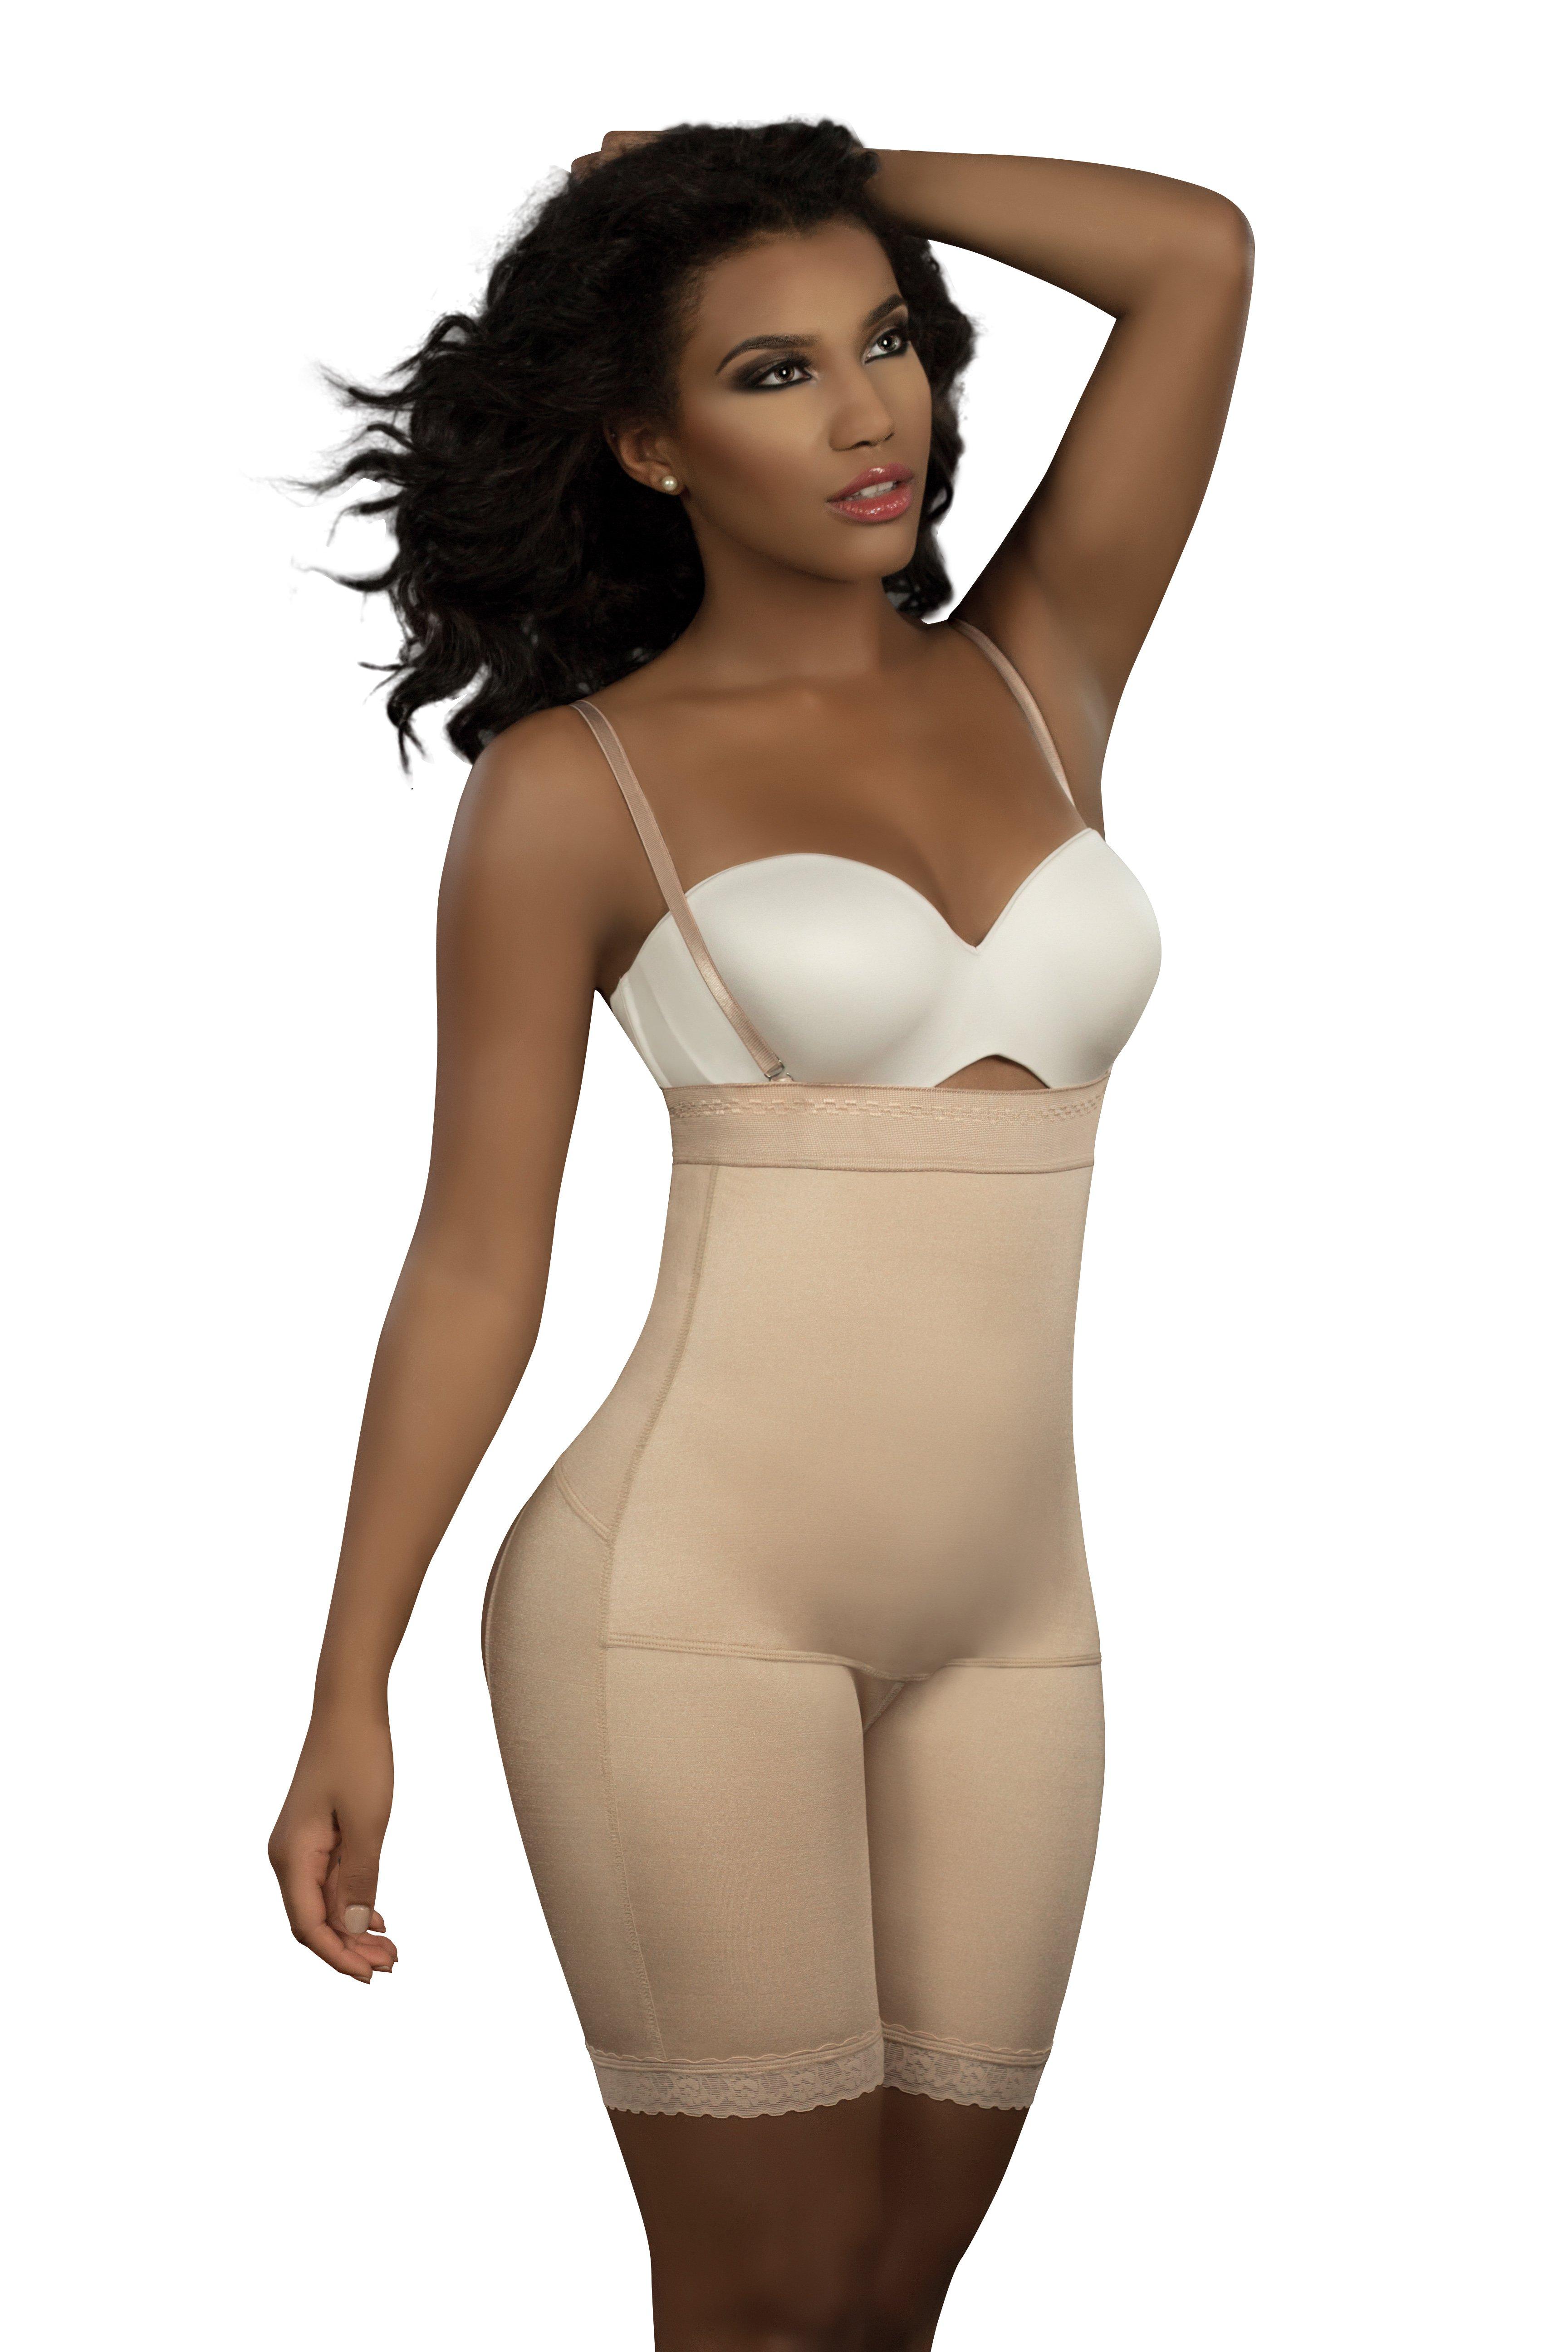 Women's Hip Enlarging Corset